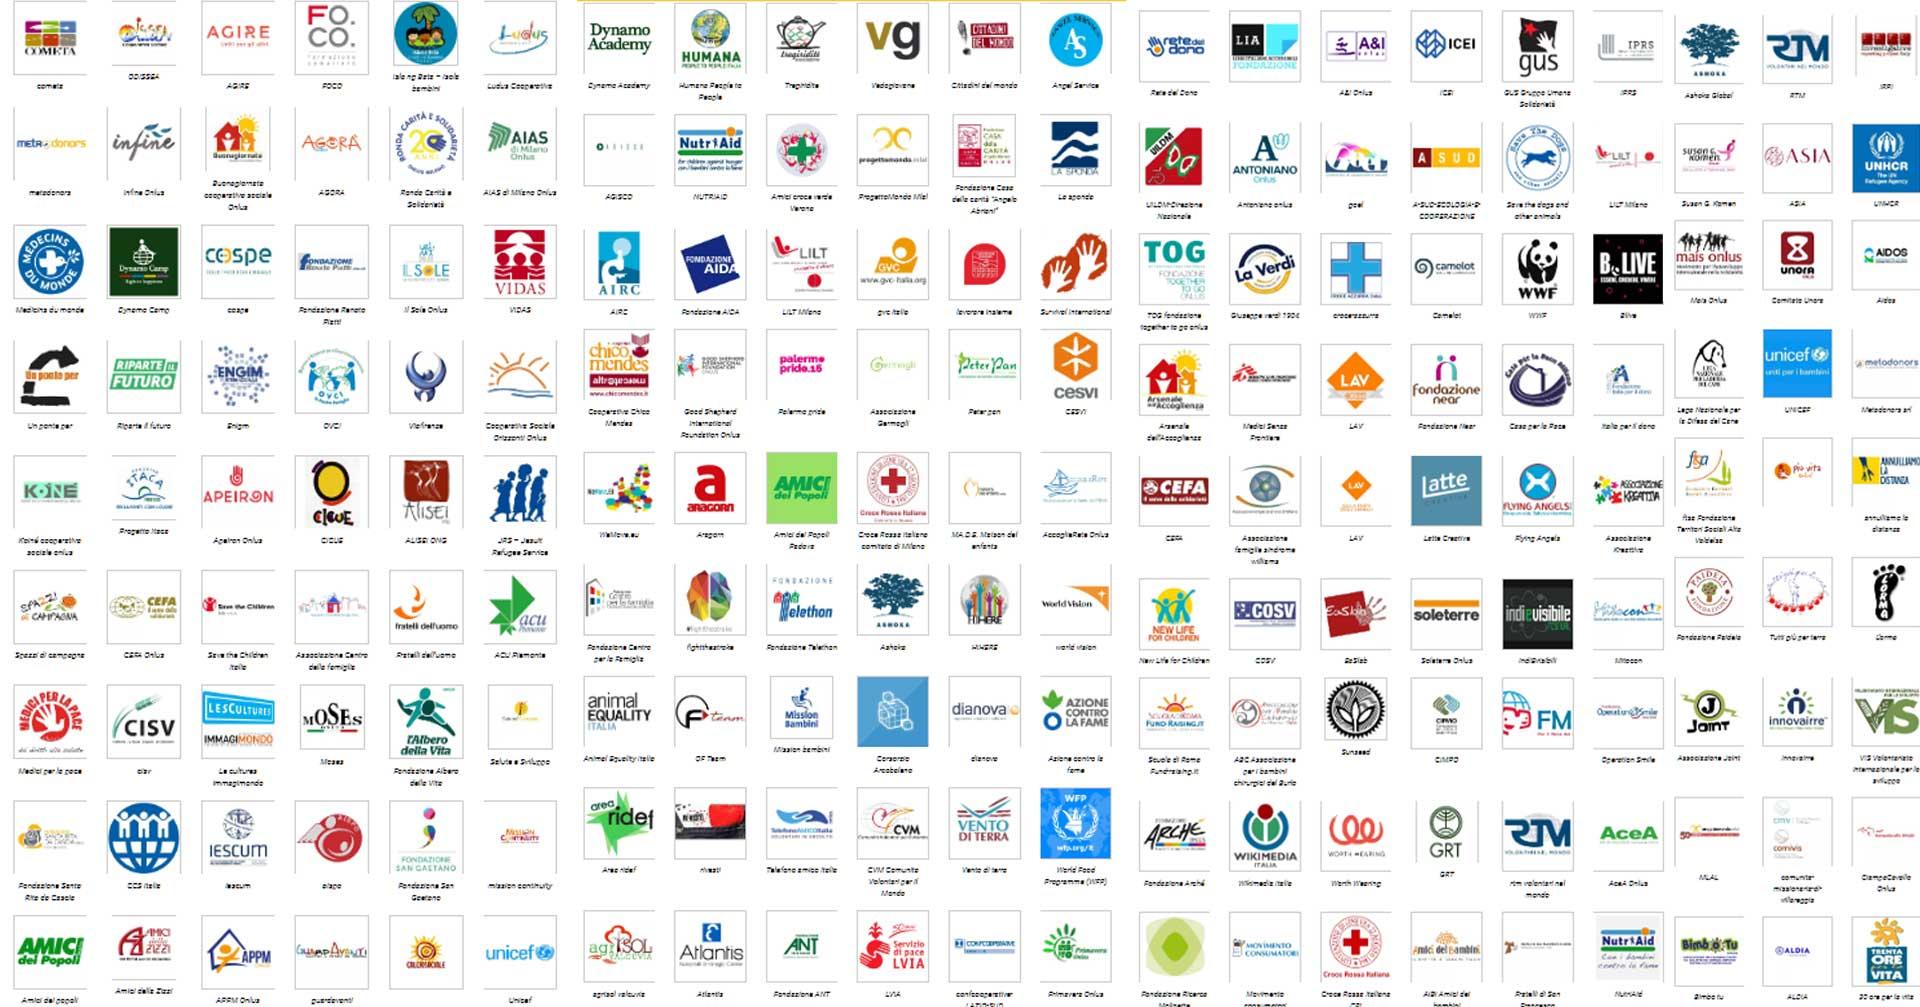 lista-organizzazioni-e-aziende-su-job4good